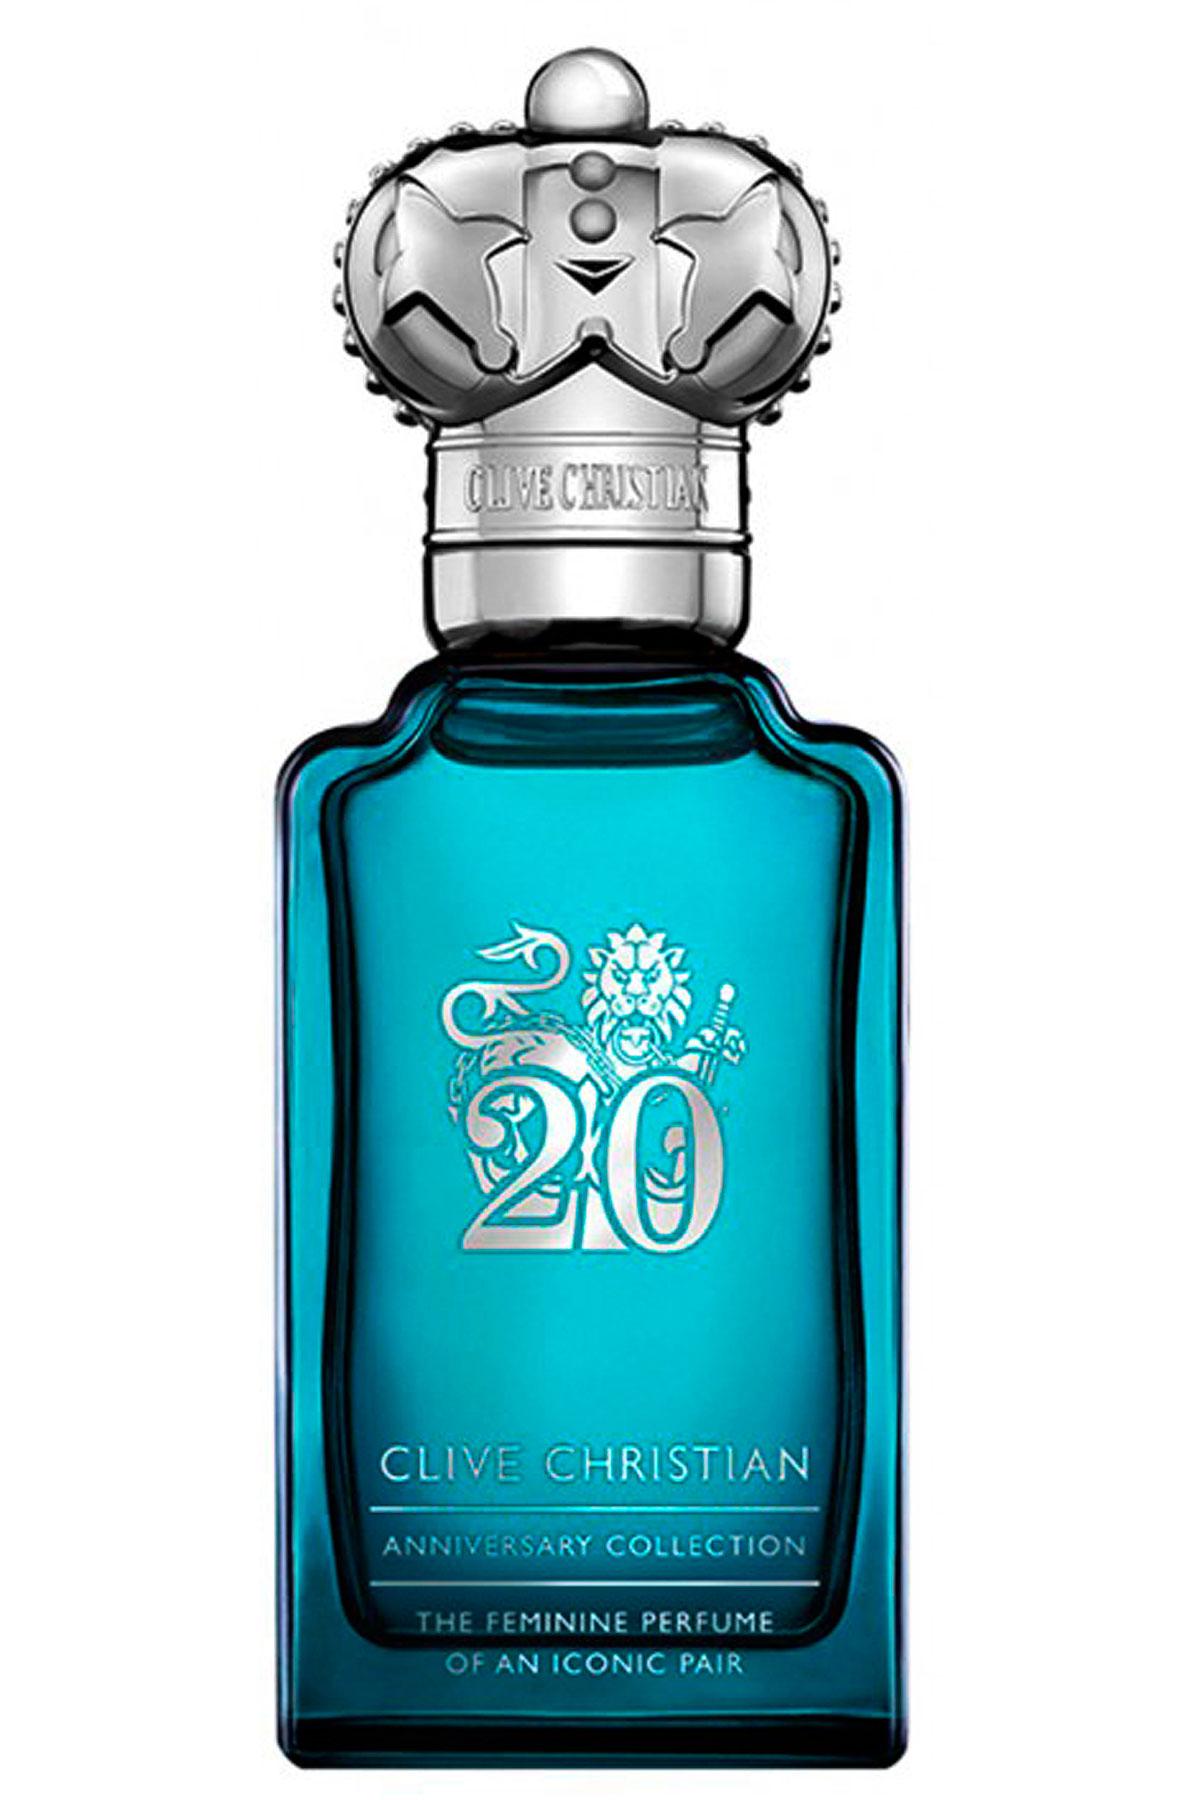 Clive Christian Fragrances for Women On Sale, 20 Anniversary Feminine - Eau De Parfum - 50 Ml, 2019, 50 ml